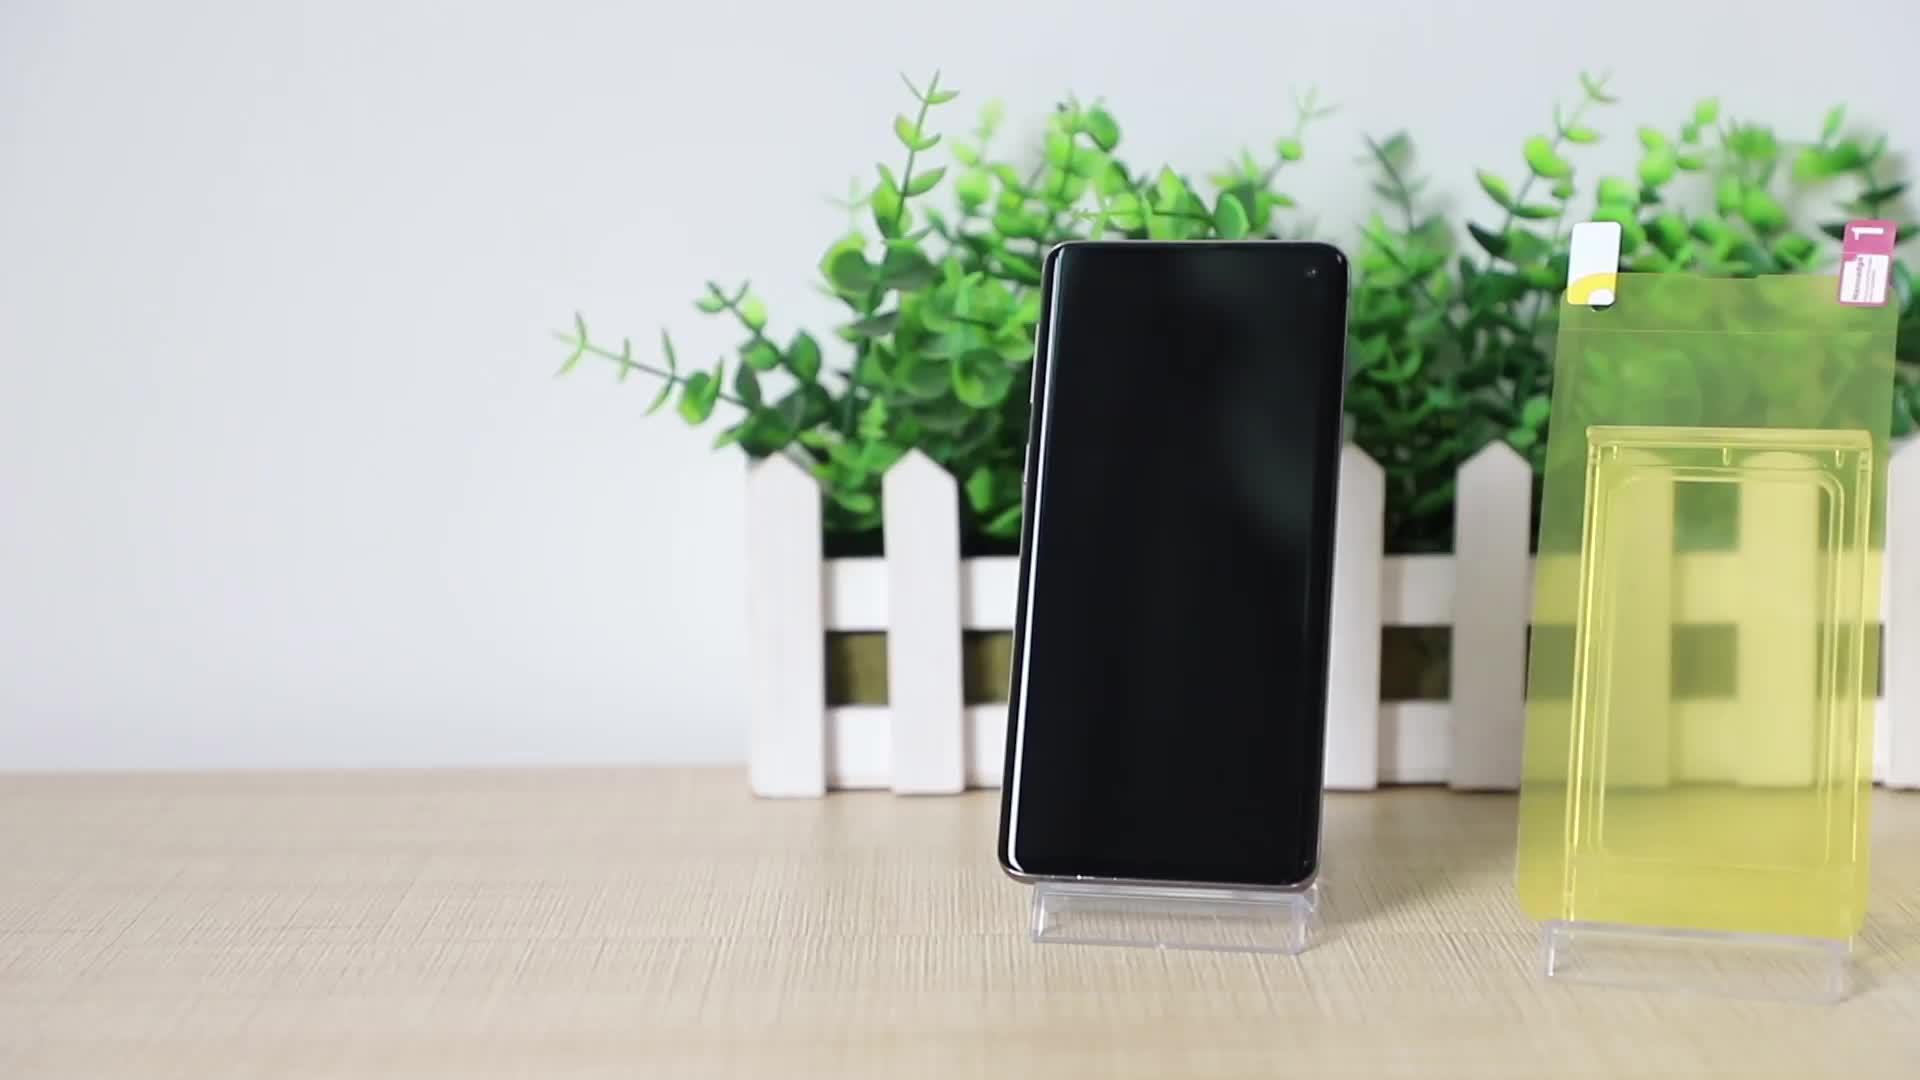 Amazon Nhà Cung Cấp Vàng Nanoedge TPU Phim 3D Đầy Đủ Keo Chống Sốc S10 Cộng Với Bảo Vệ Màn Hình Đối Với Samsung S10 Bảo Vệ Màn Hình